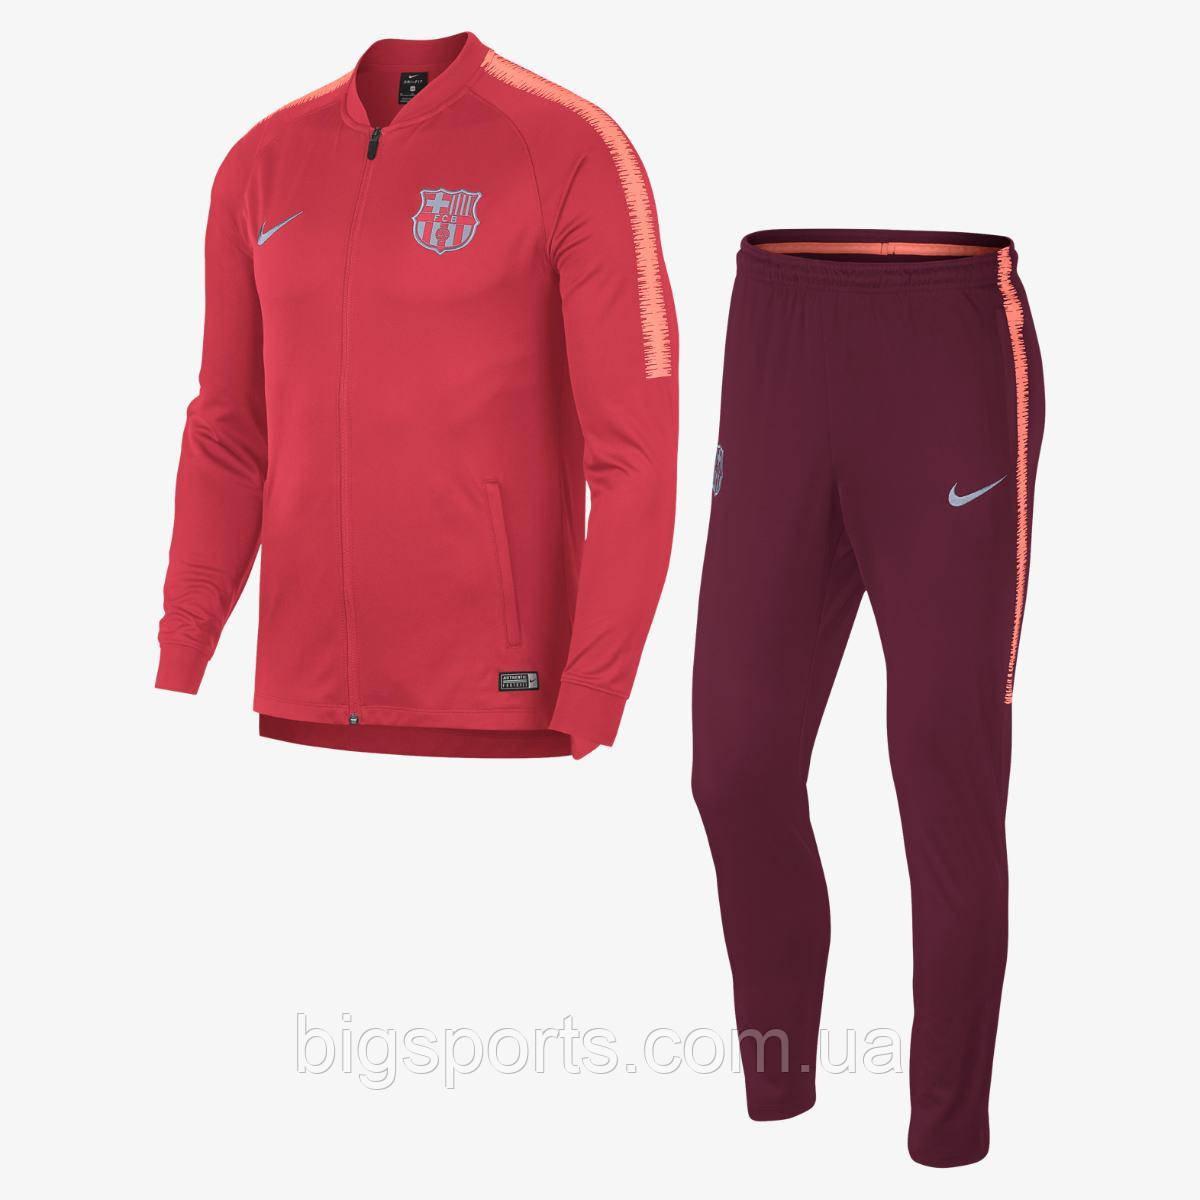 Спортивный костюм муж. Nike Fcb M Nk Dry Sqd Trk Suit K (арт. 894341-691)